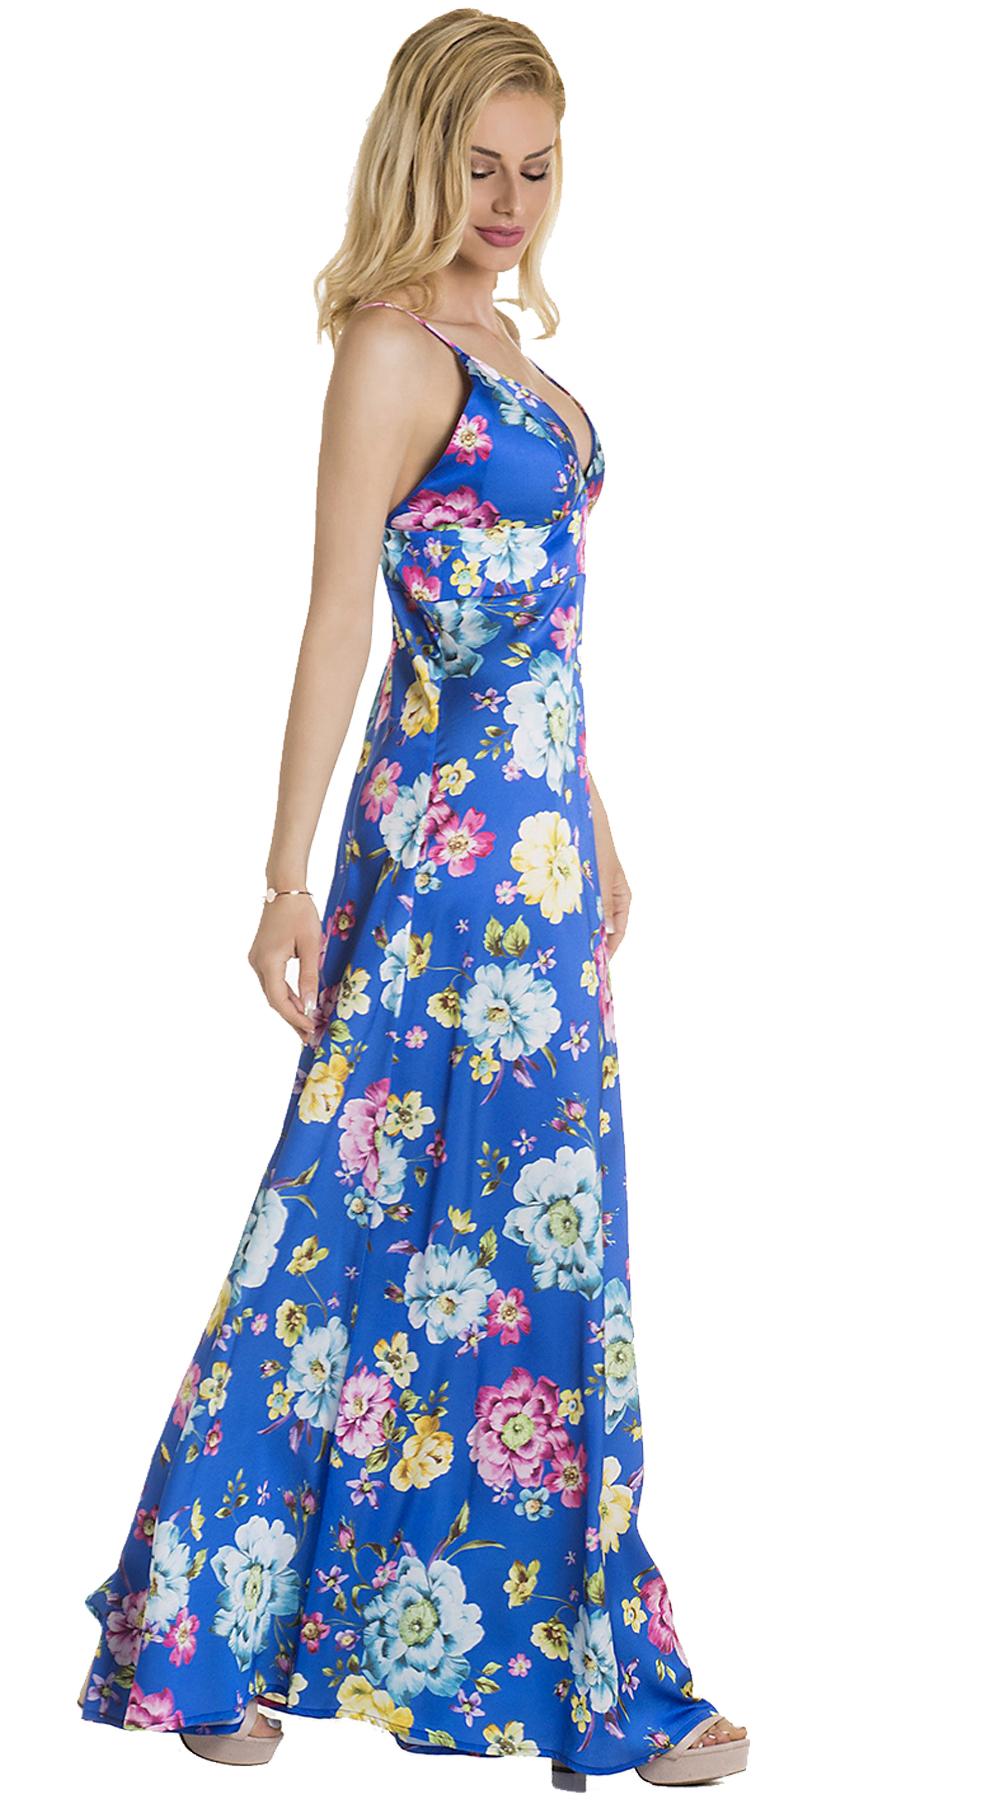 4af8077df4dc Μάξι Φλοράλ Φόρεμα με ανοιχτό μπούστο ONLINE | Υπέροχα φλοράλ ...